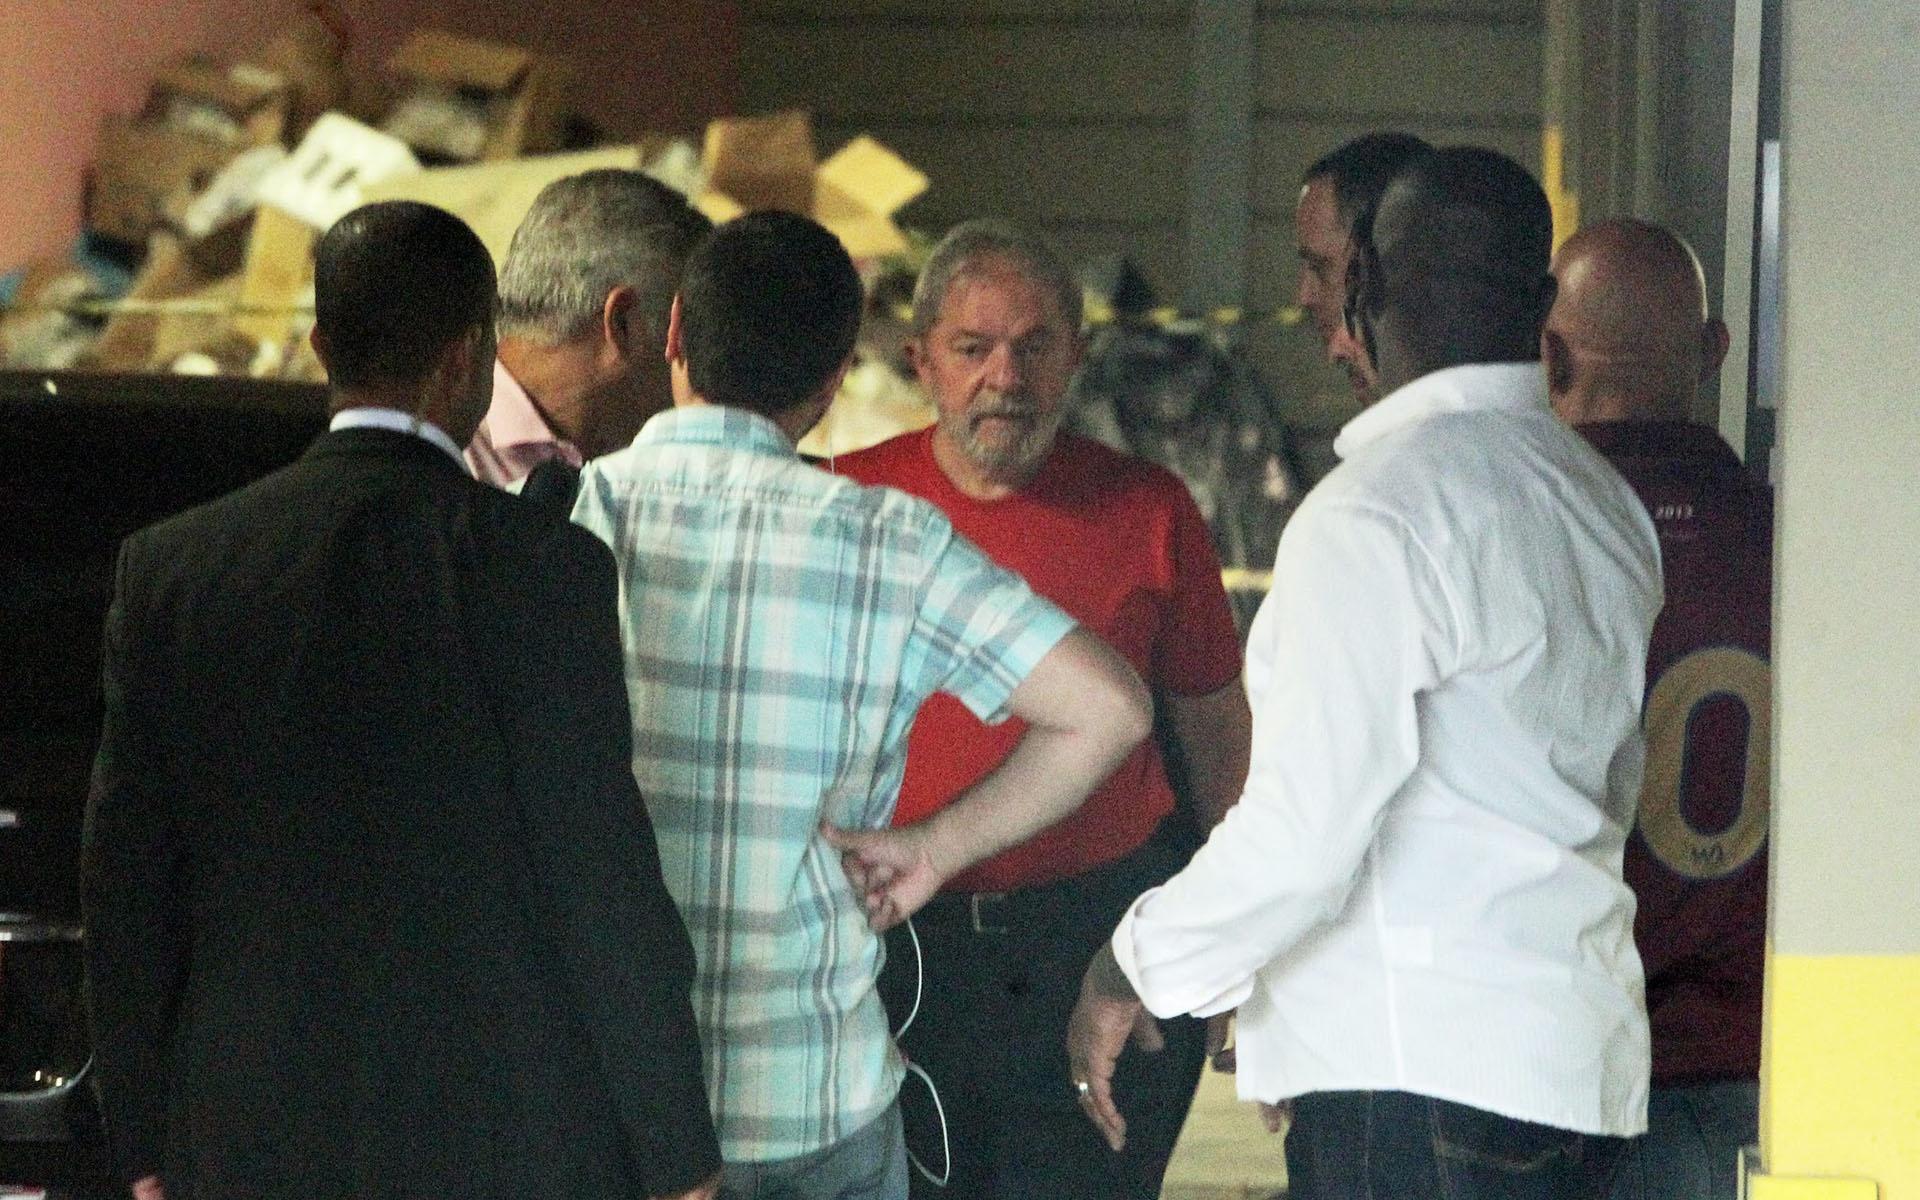 El ex presidente sigue el juicio desde el sindicato de los metalúrgicos de Sao Bernardo do Campo (Estadao)